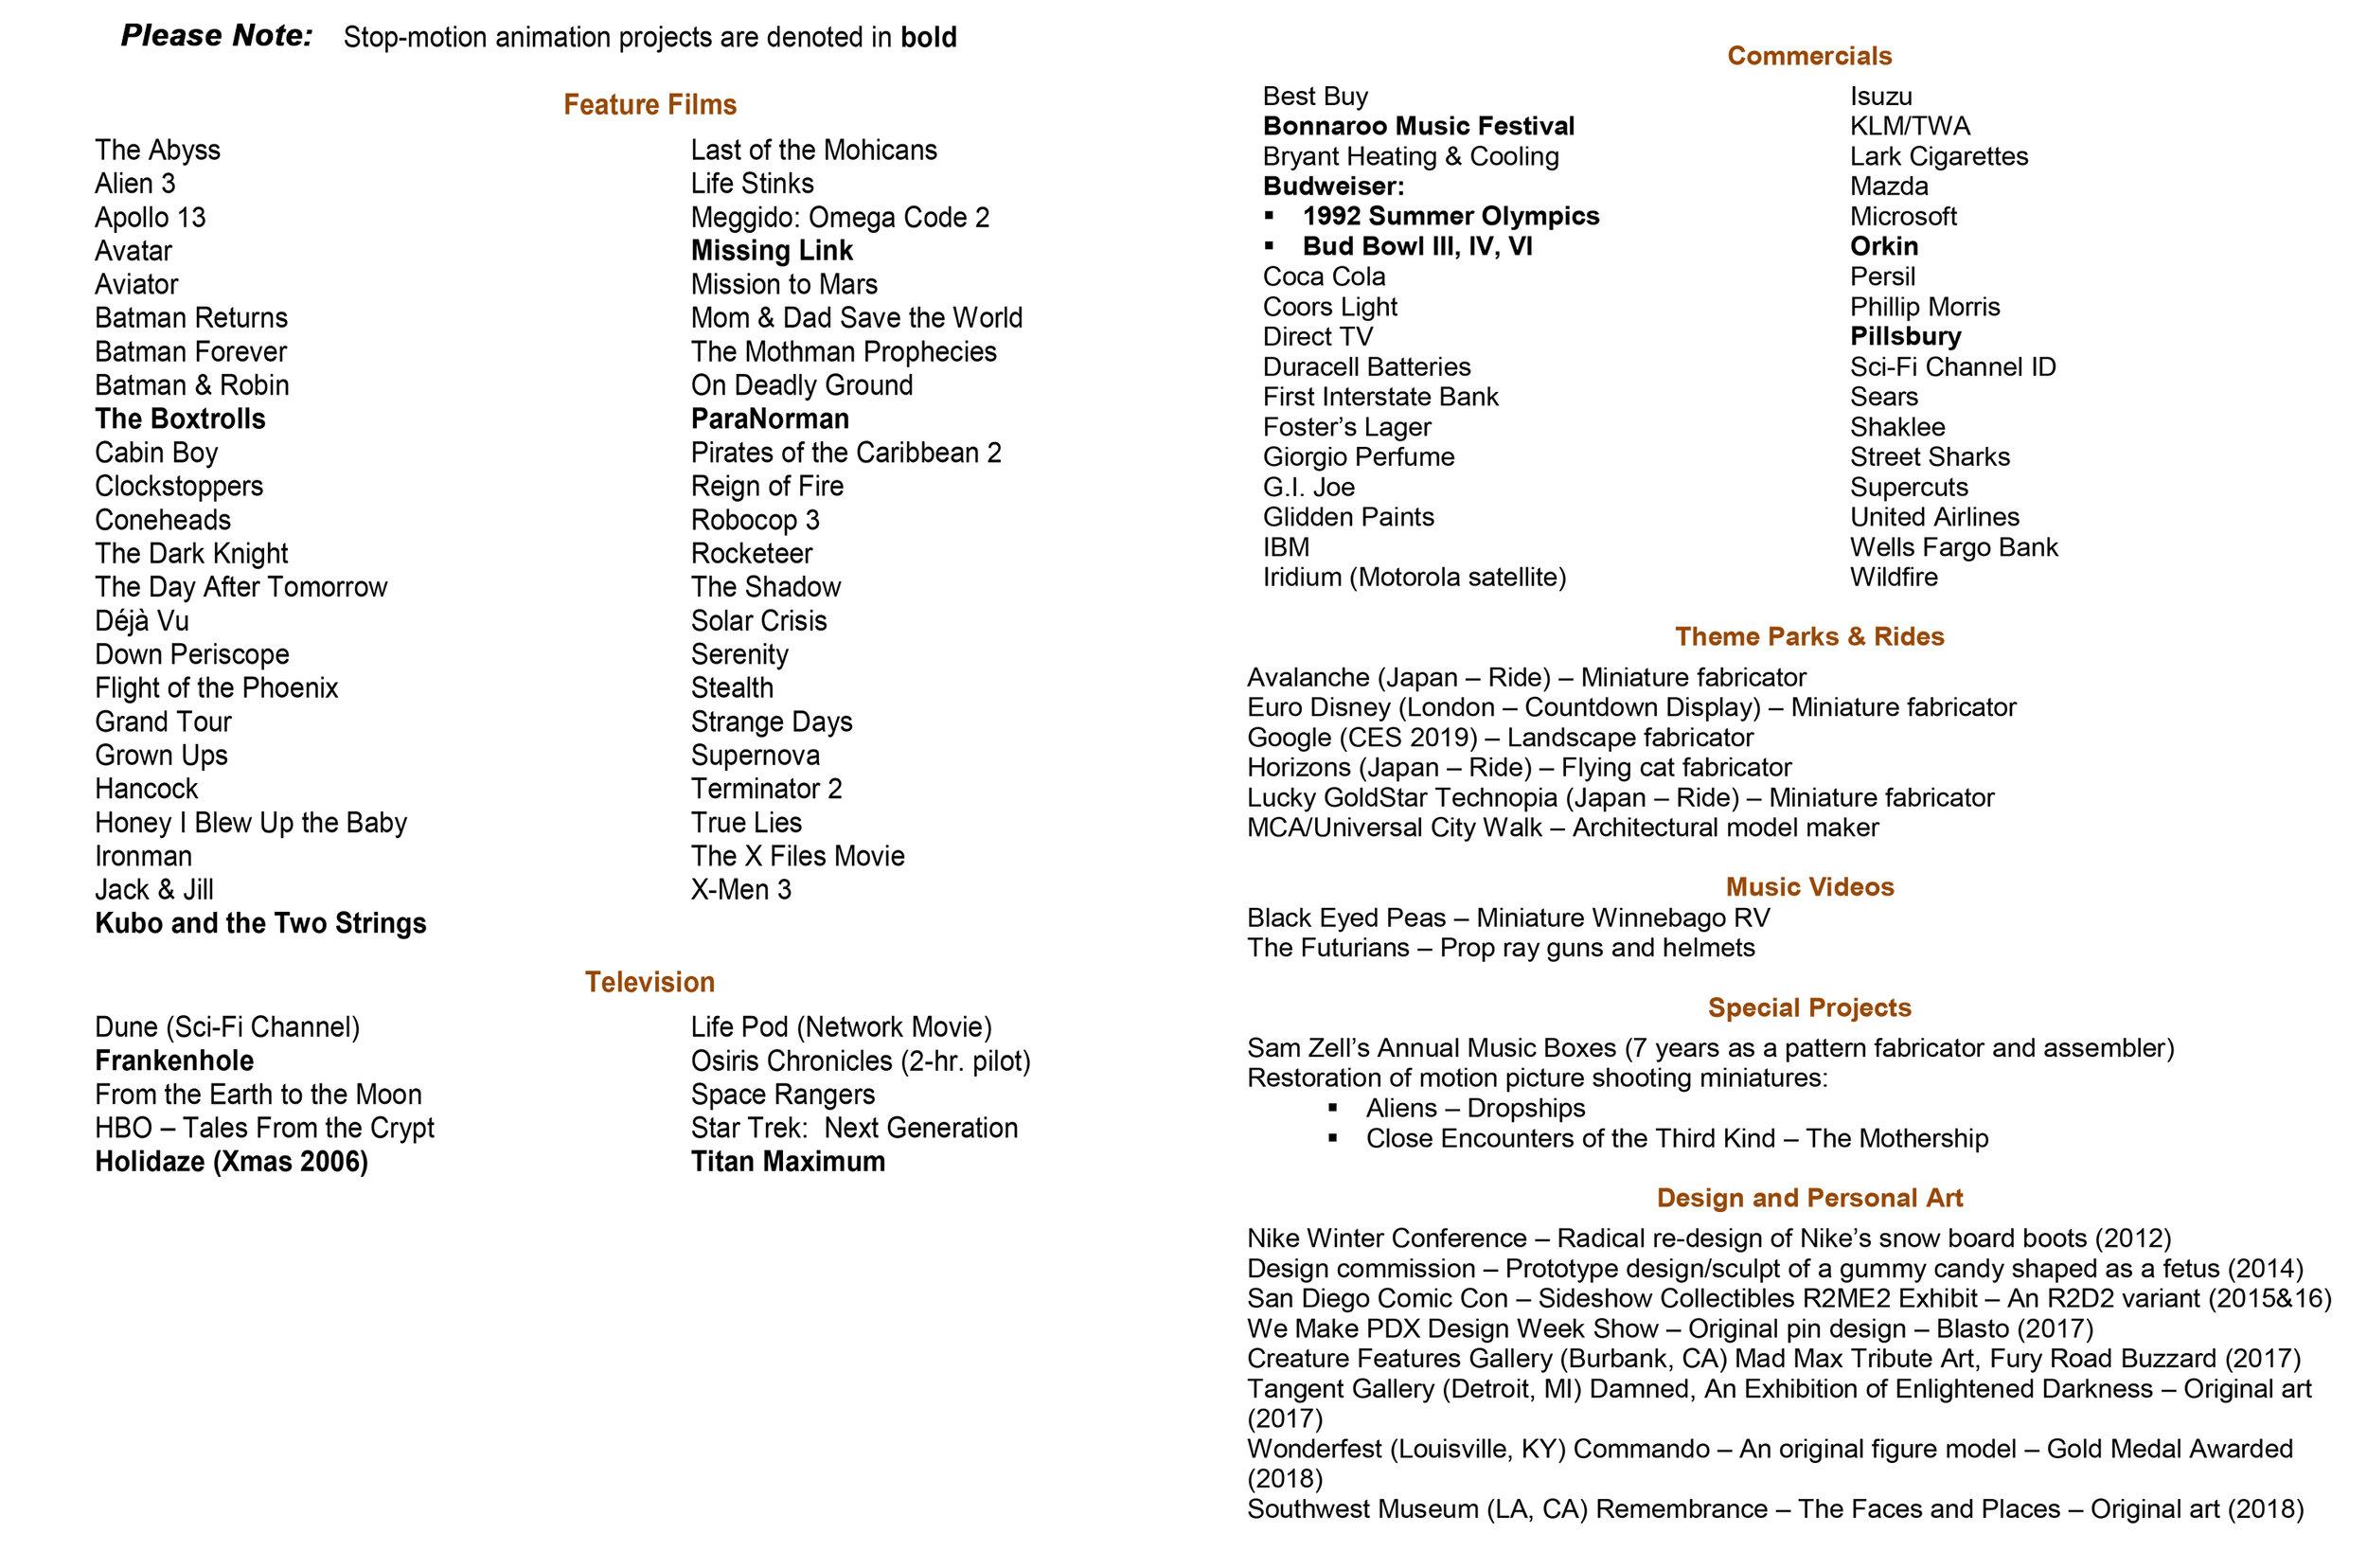 Resume List Image.jpg